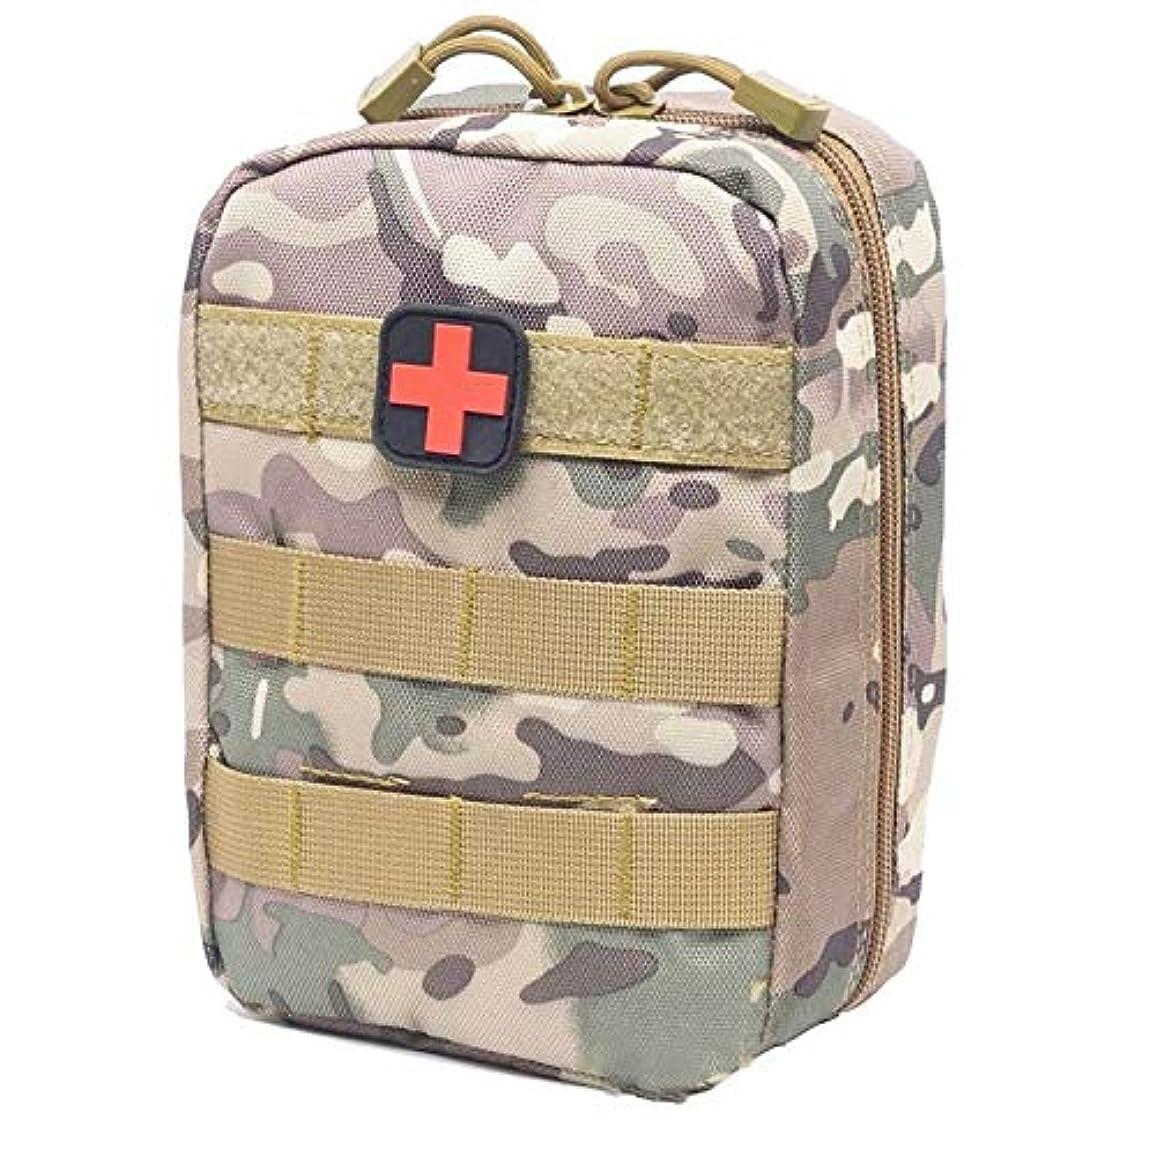 急ぐ感じ細断XKJPShop 救急箱 応急処置キットバッグゲームアウトドアサバイバルギア、キャンプハイキング医療バッグ緊急サバイバル収納ケース 応急処置ケース、家庭、職場、学校 (Color : B)